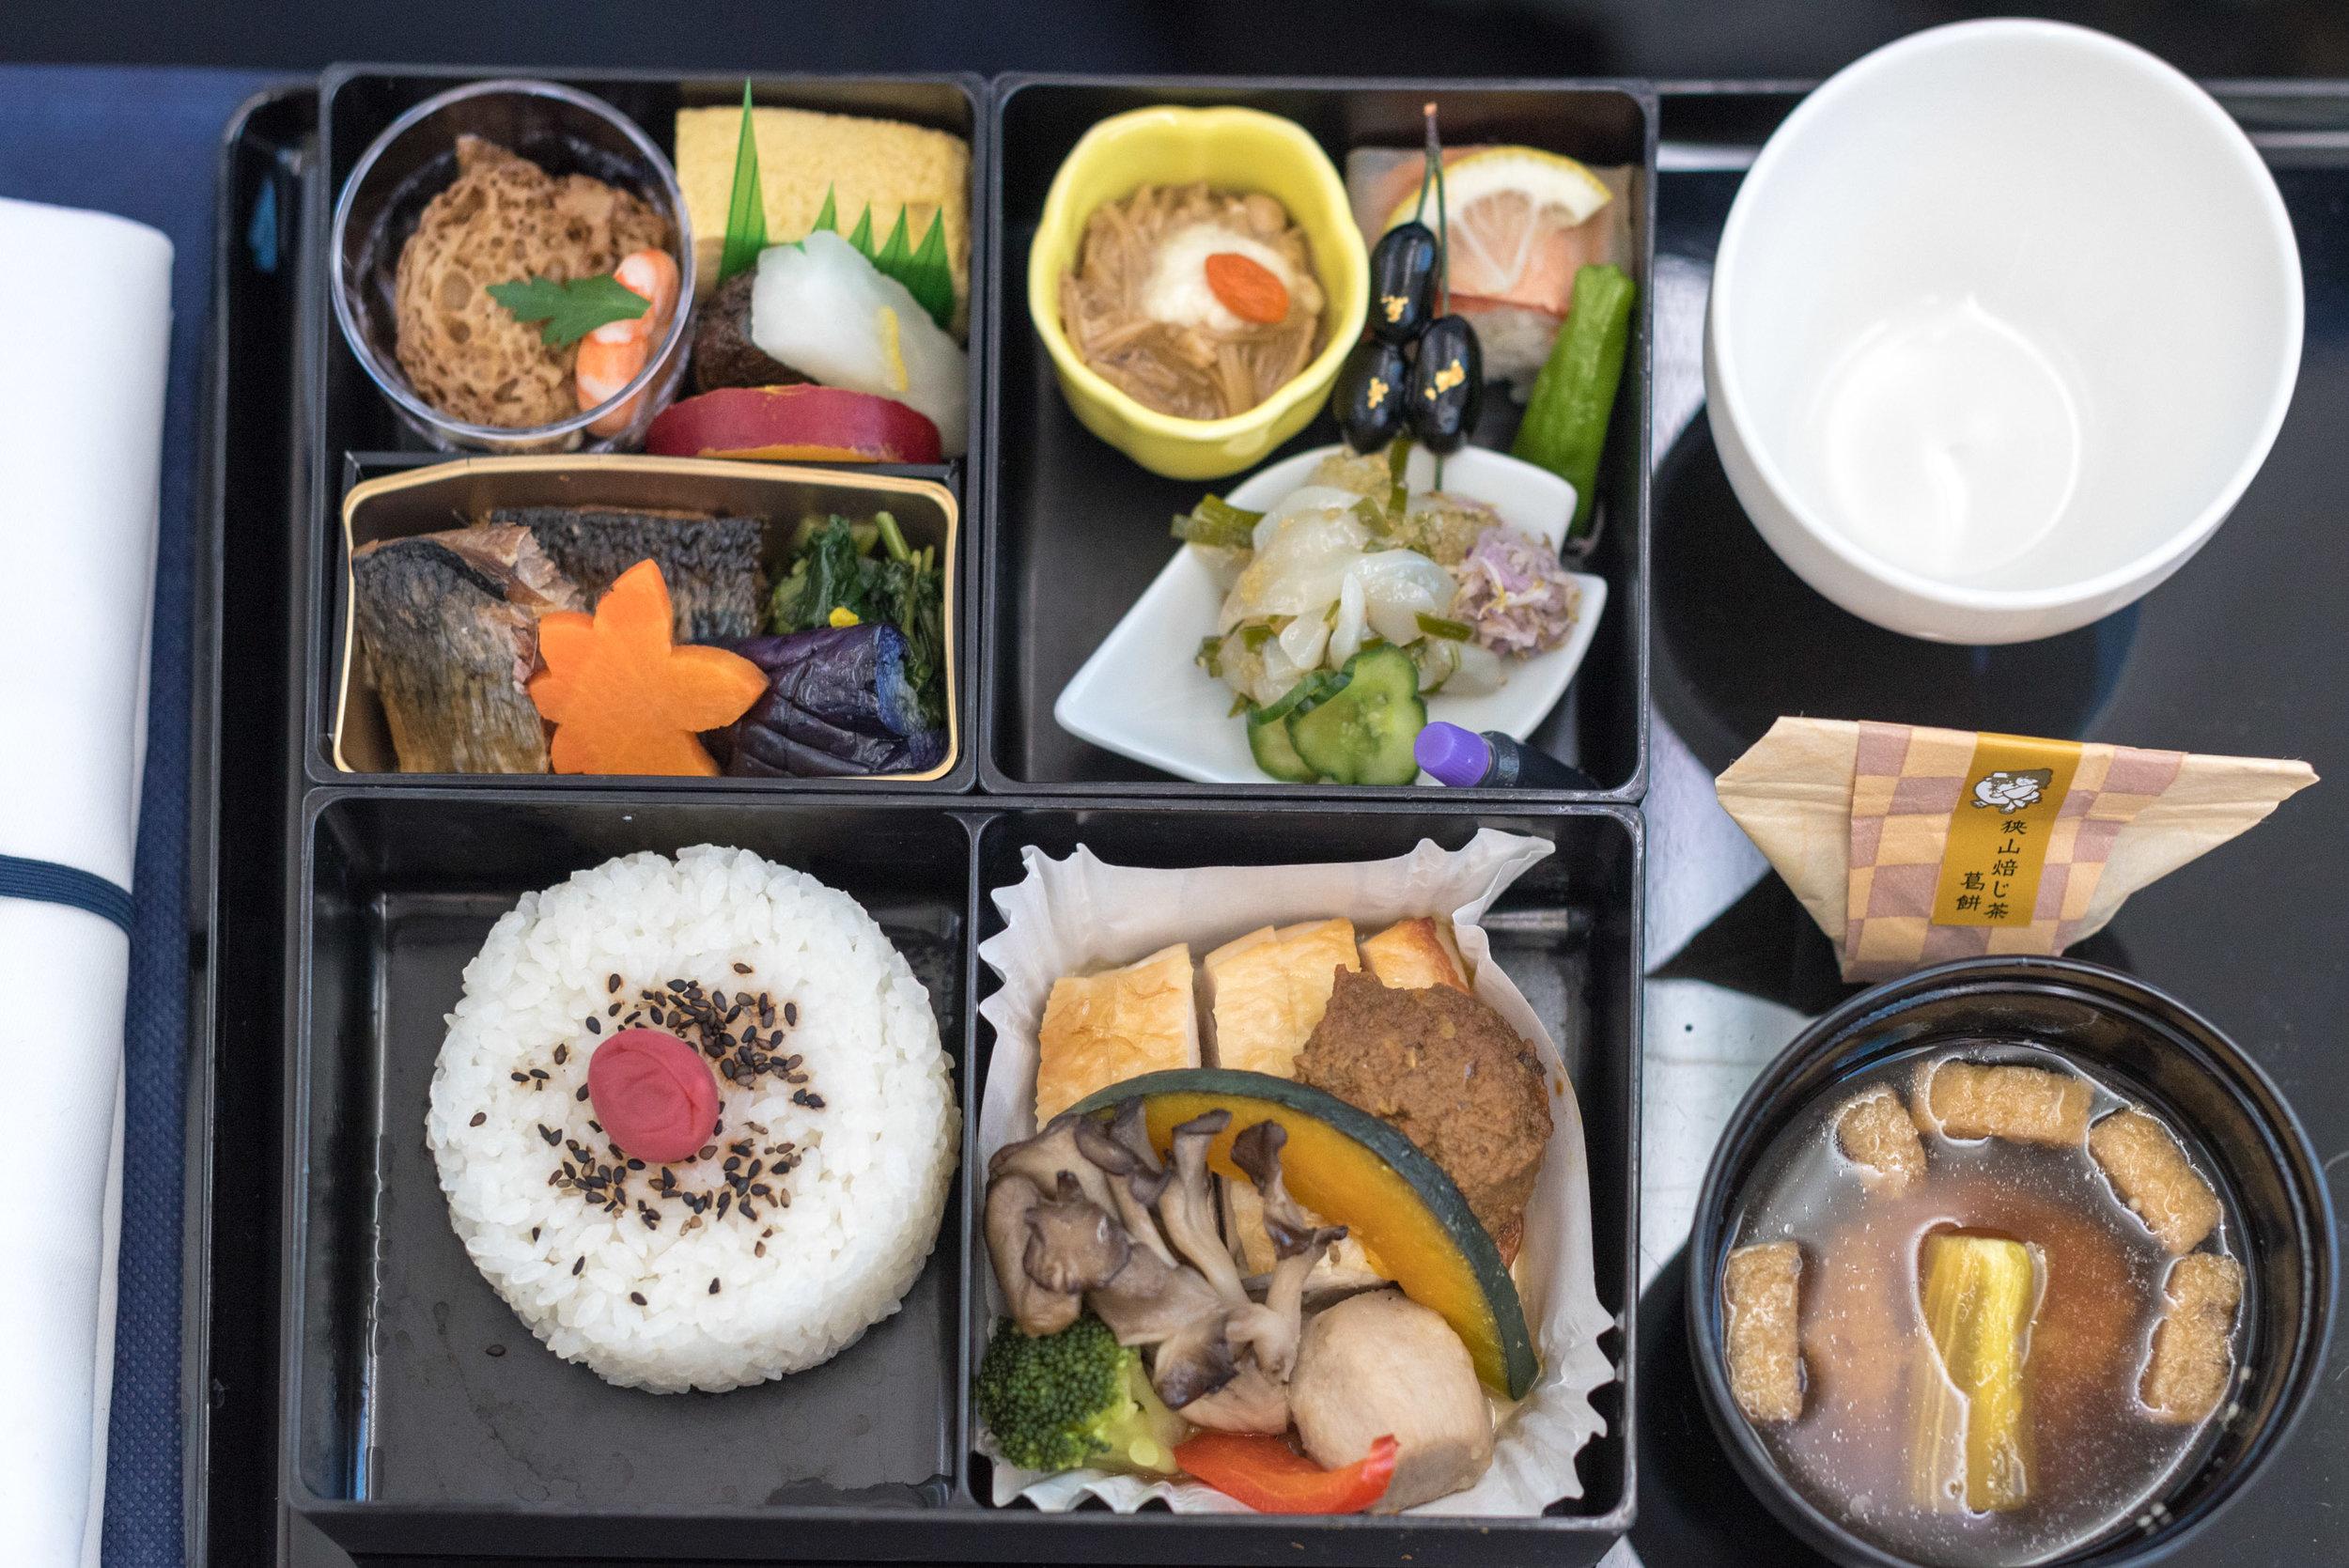 Japanese Cuisine (Washoku)  ANA Business Class 787-900 - NH859 (HND-HKG)